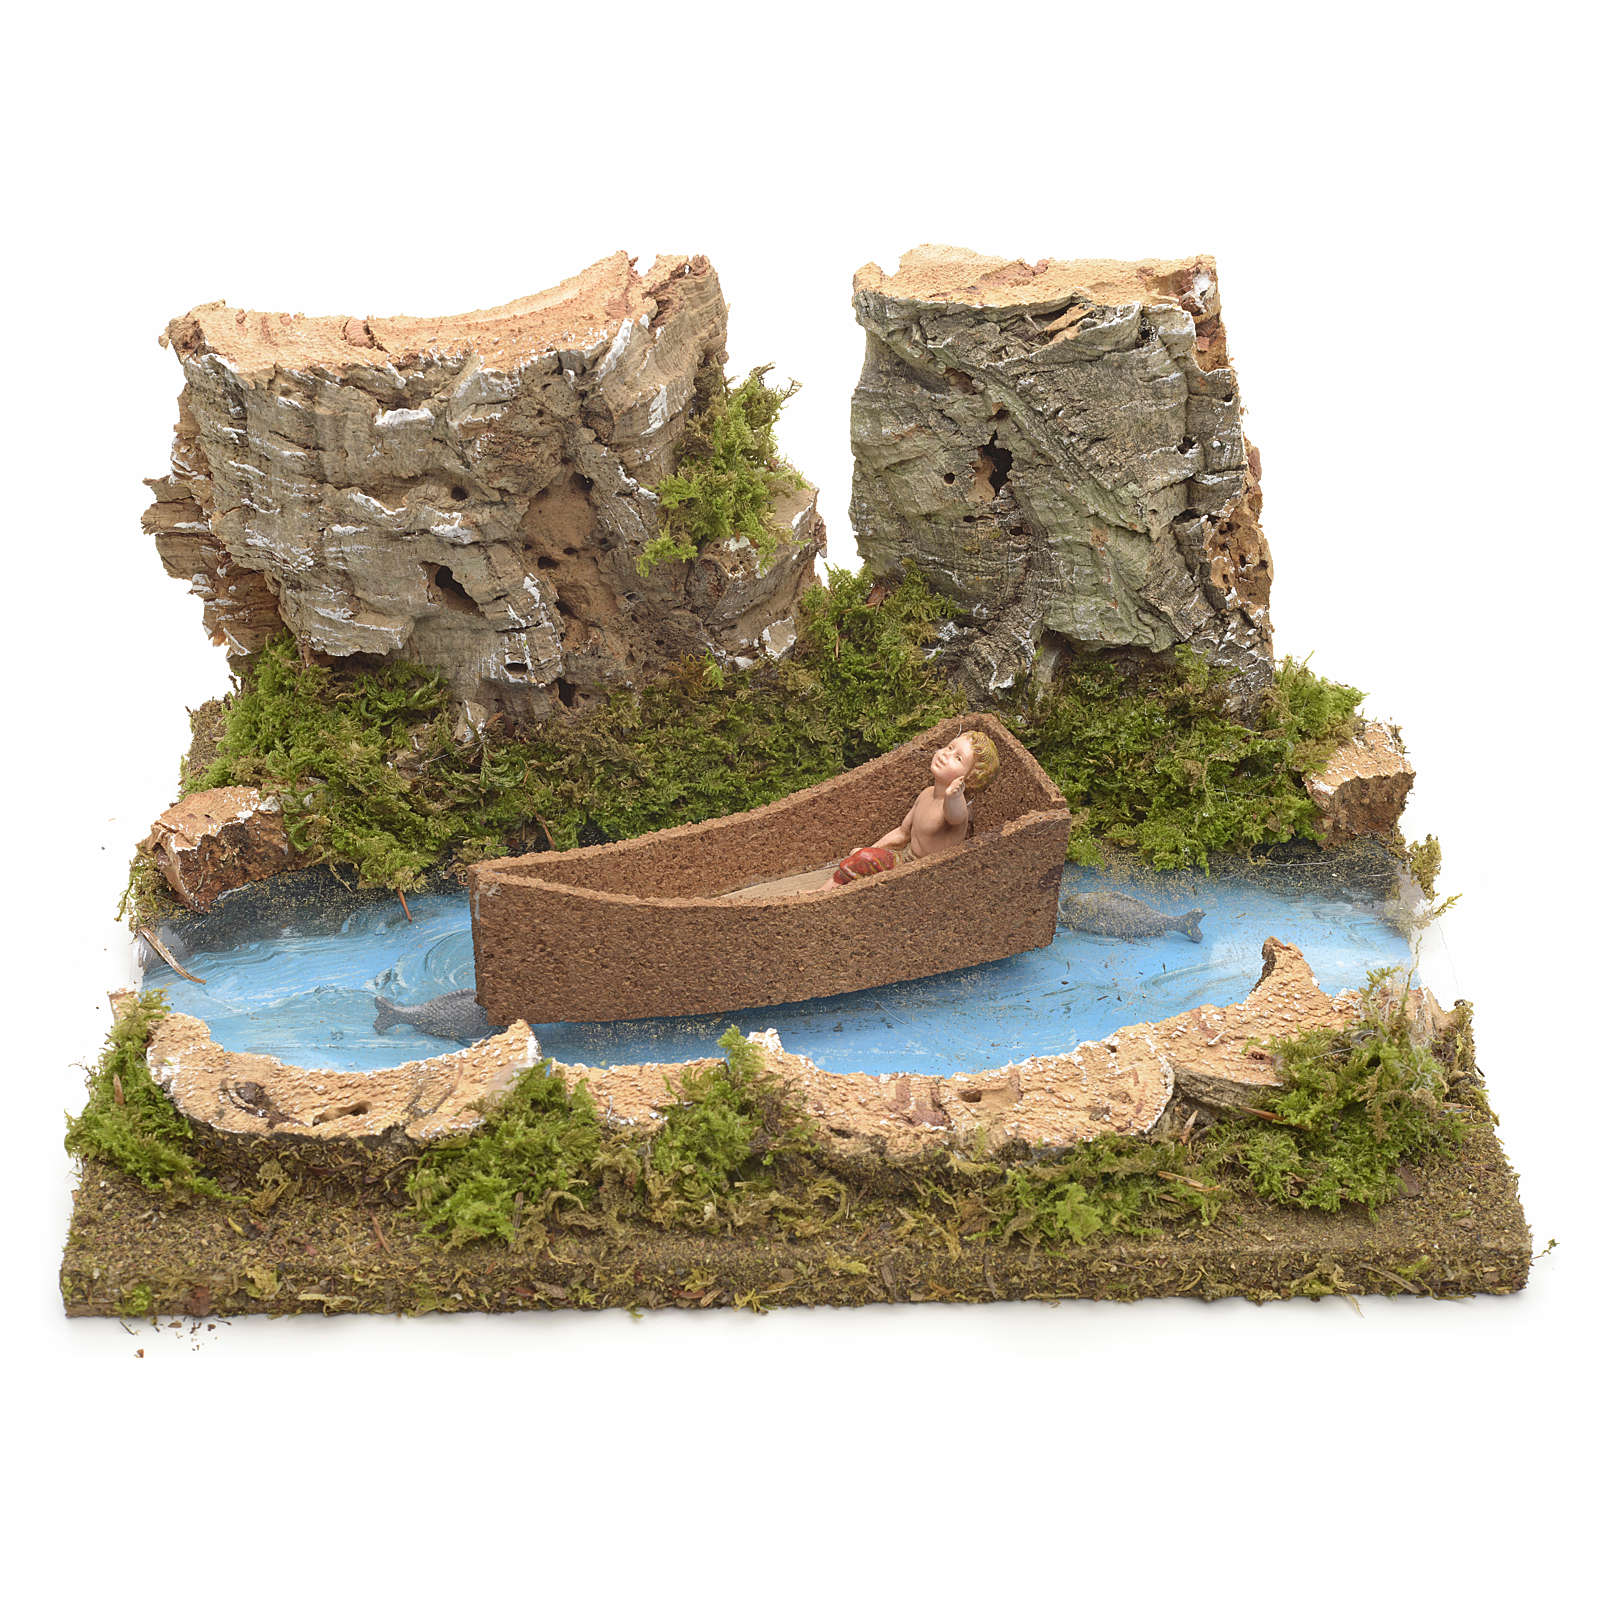 Ambientazione presepe fiume con bimbo su barca 4